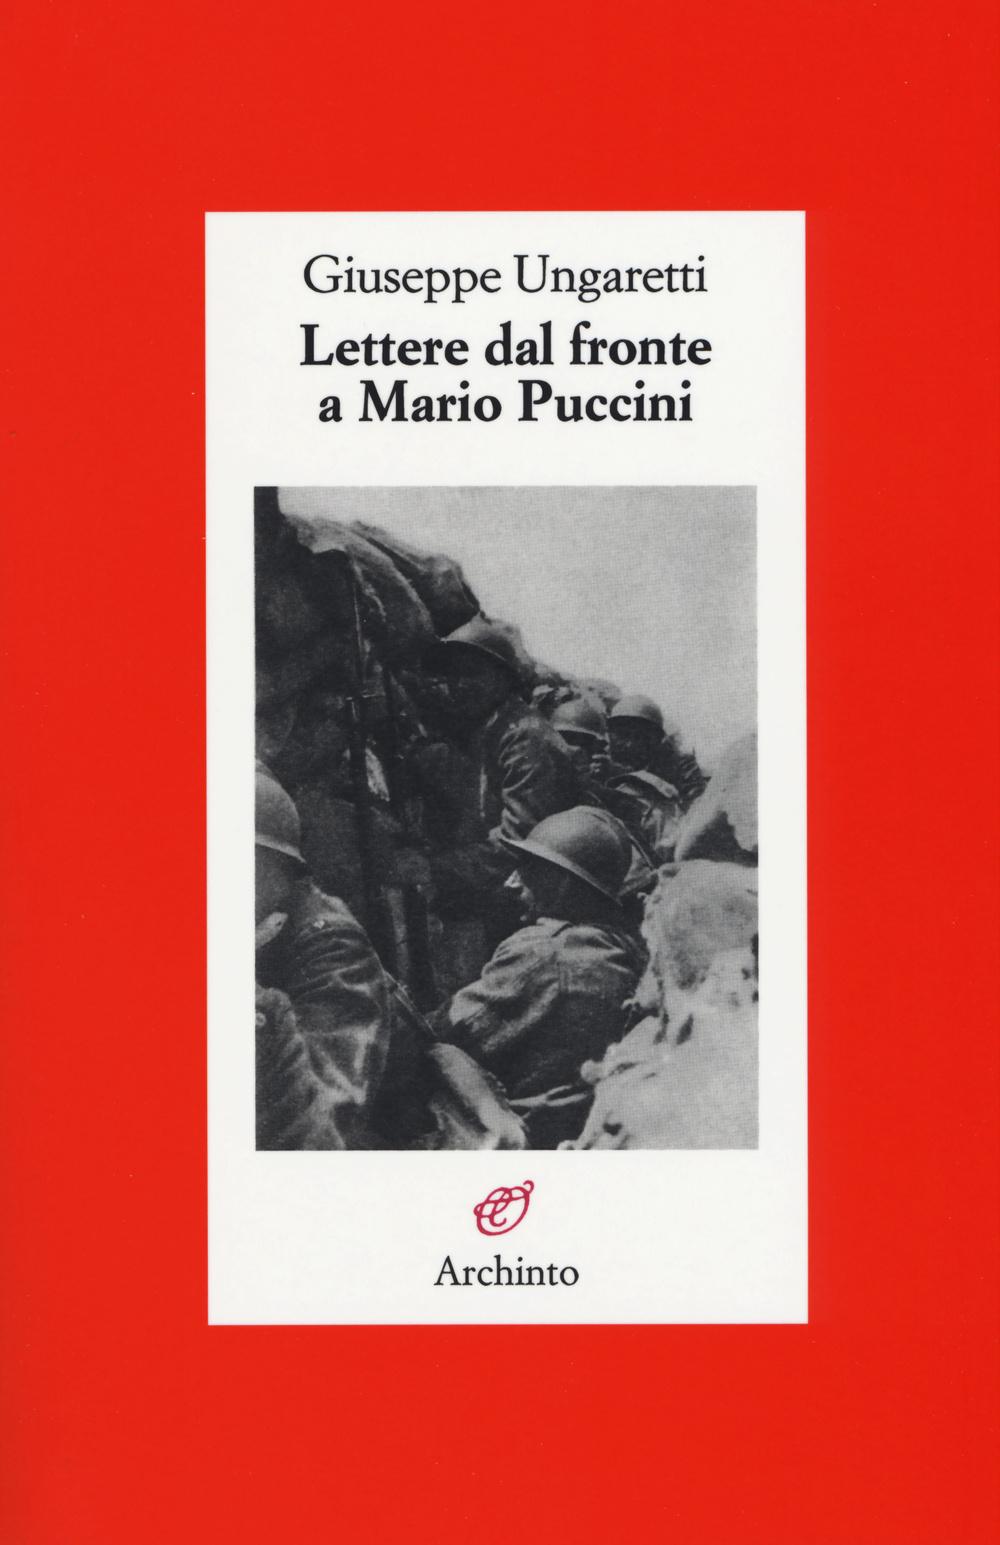 LETTERE DAL FRONTE A MARIO PUCCINI - 9788877686718